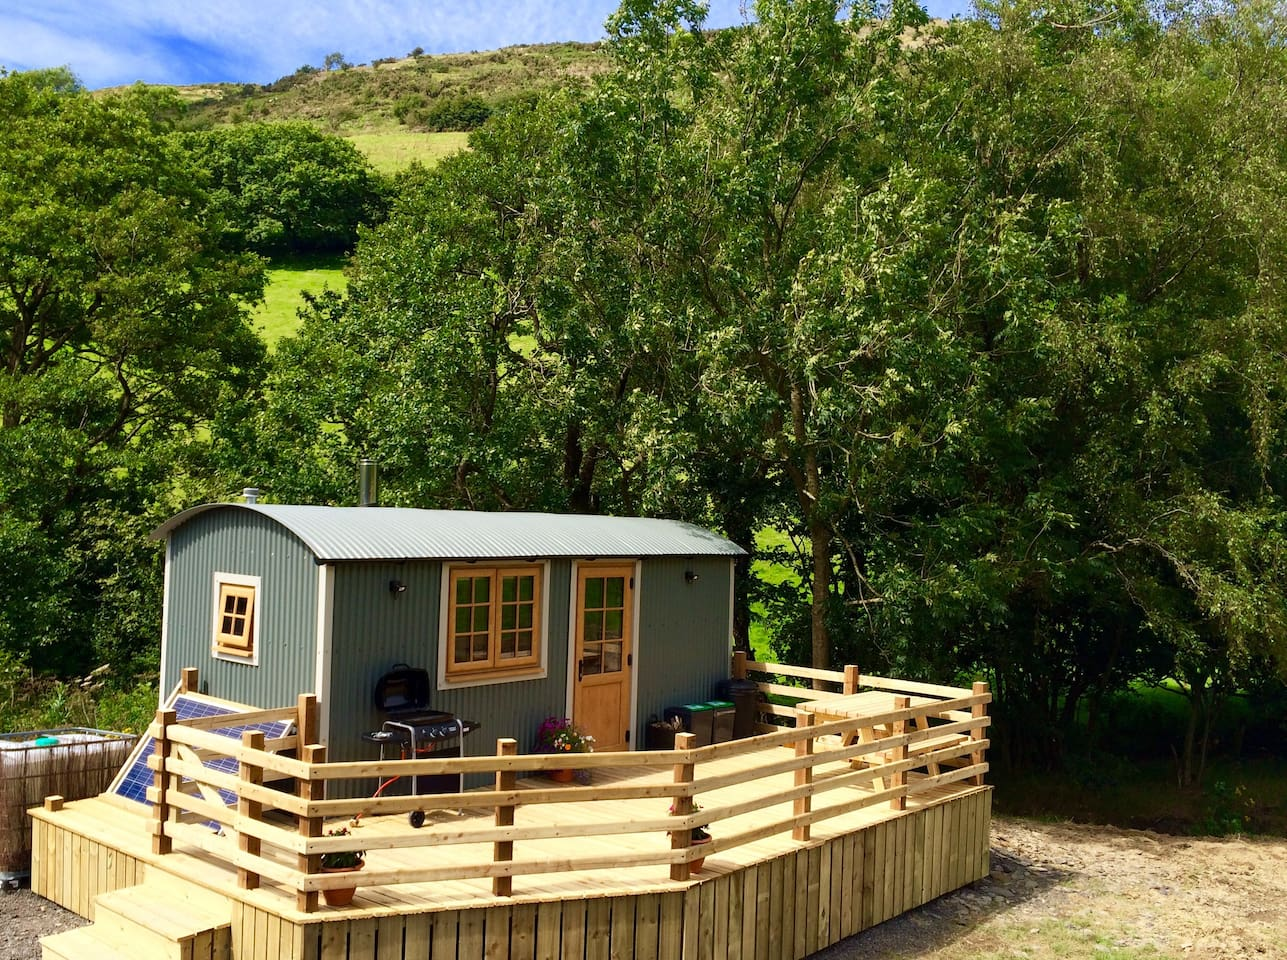 Cut Béch - Shepherd's Hut